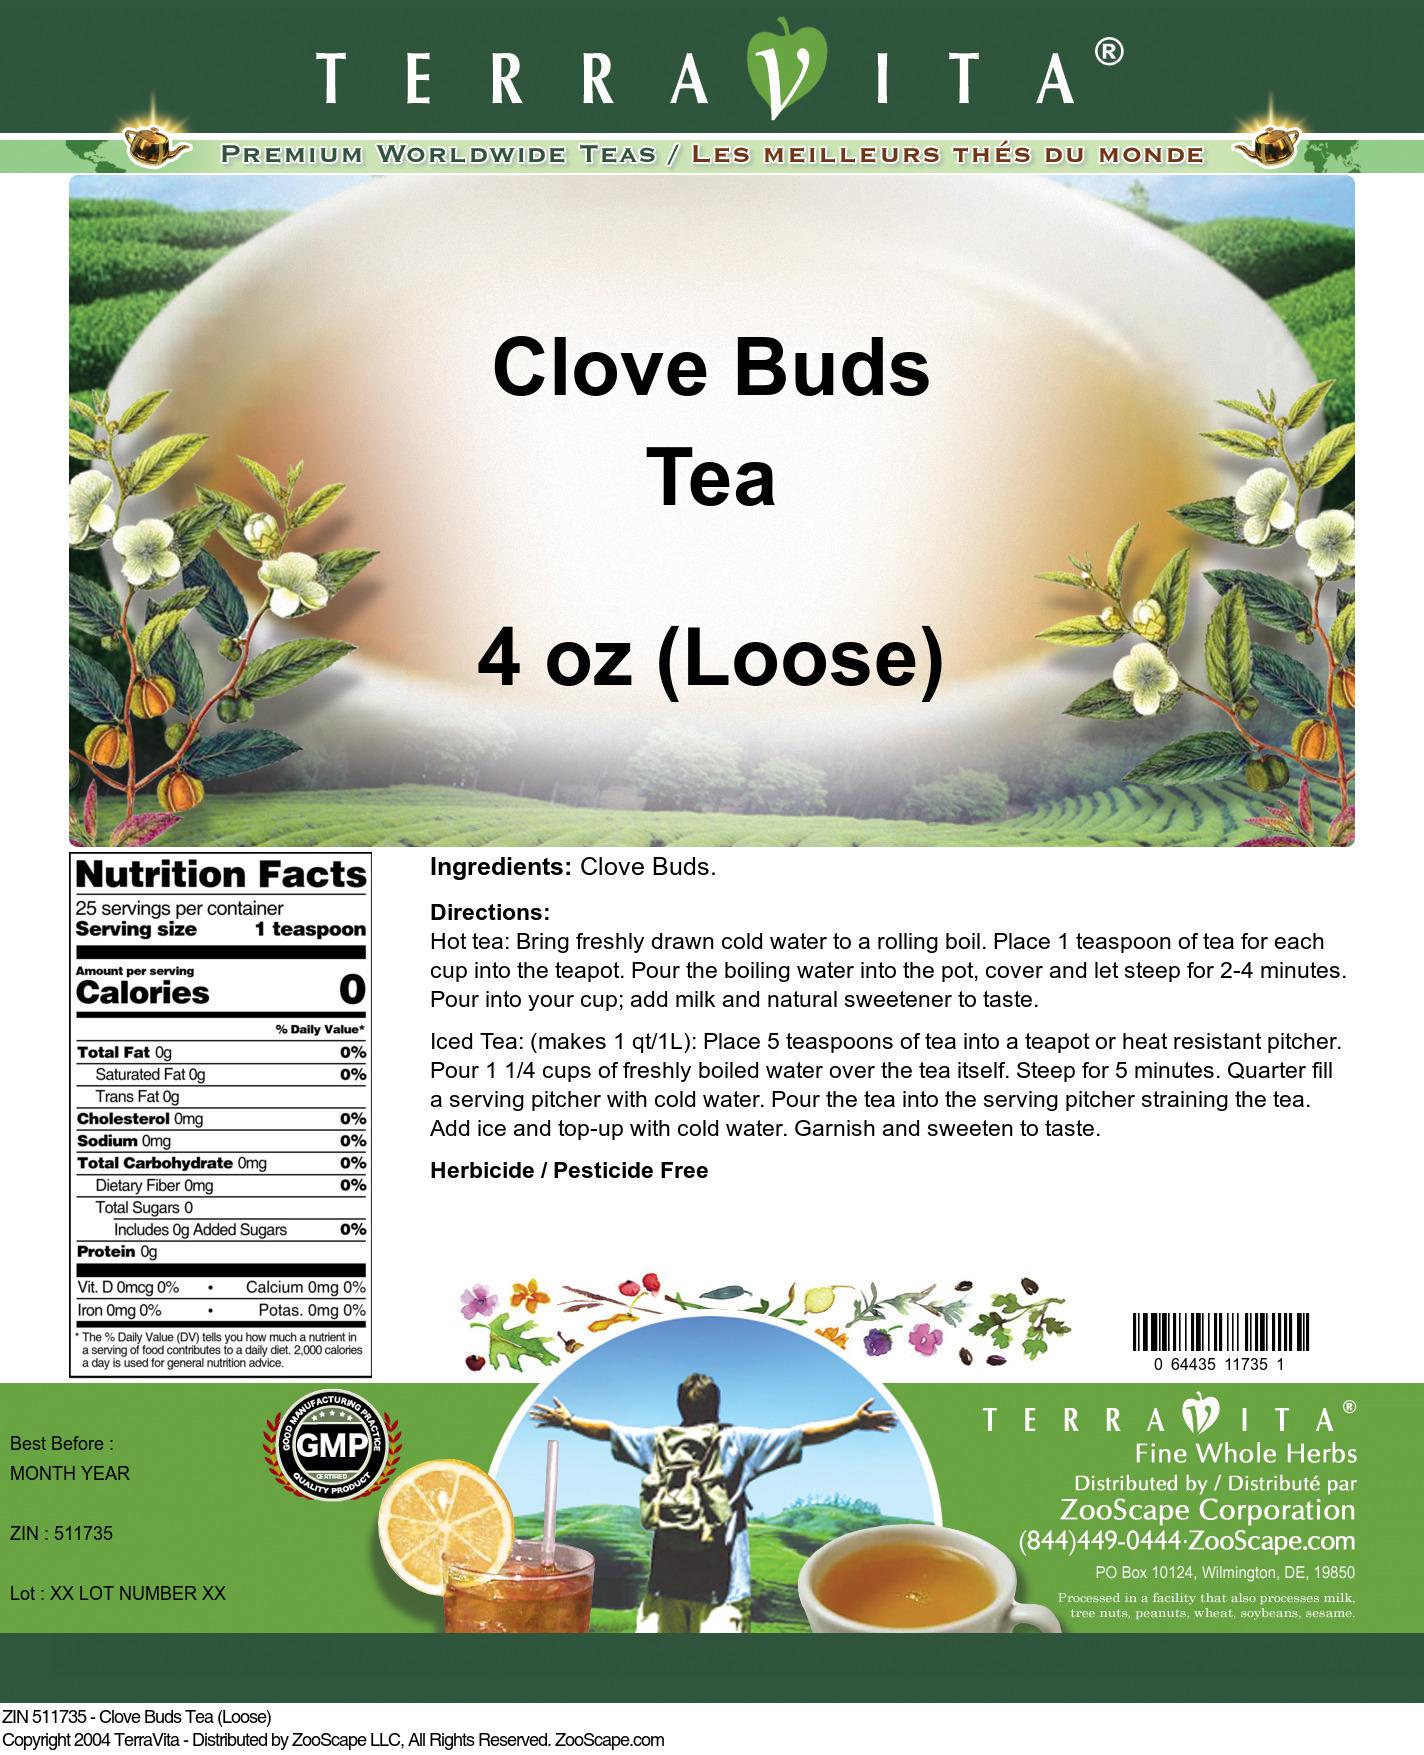 Clove Buds Tea (Loose)